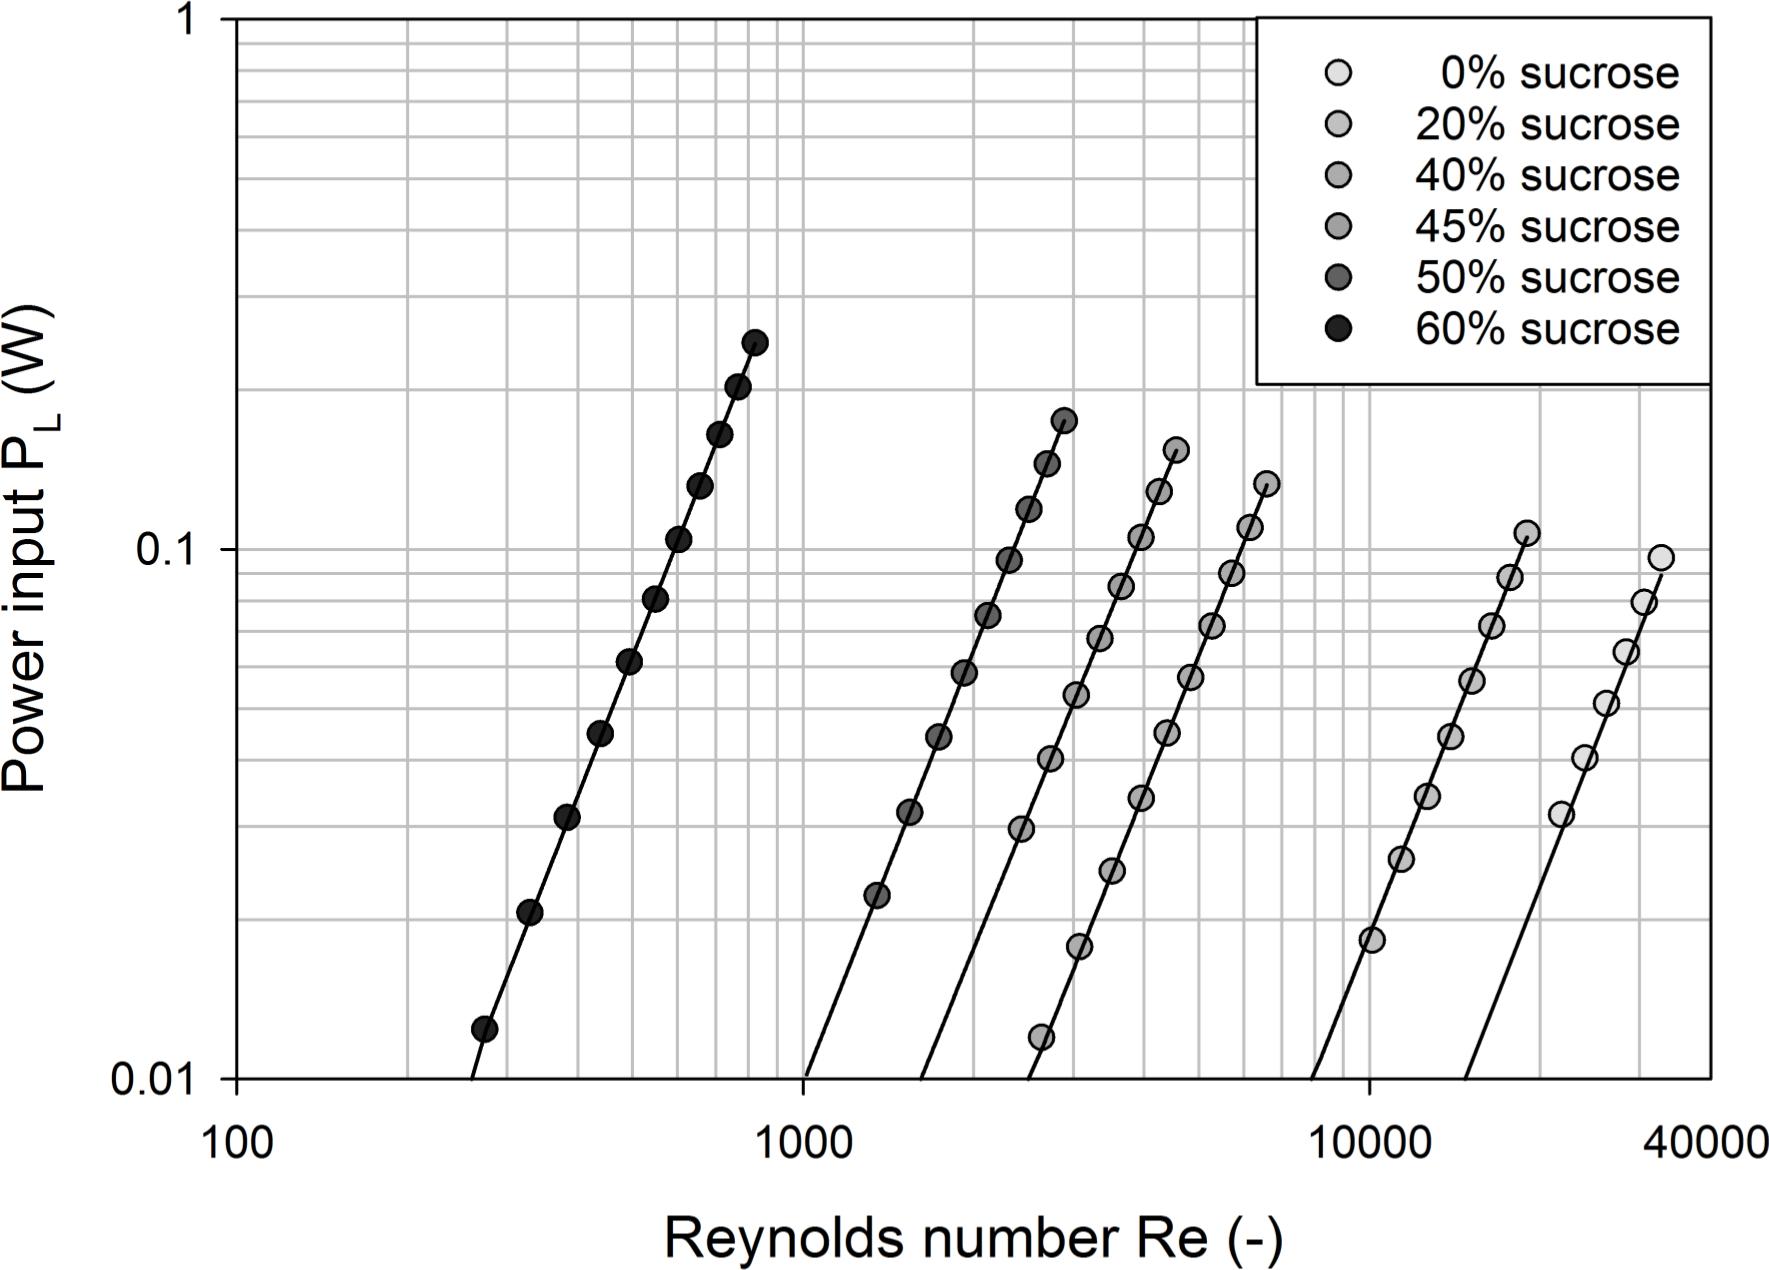 Power Input Measurements in Stirred Bioreactors at